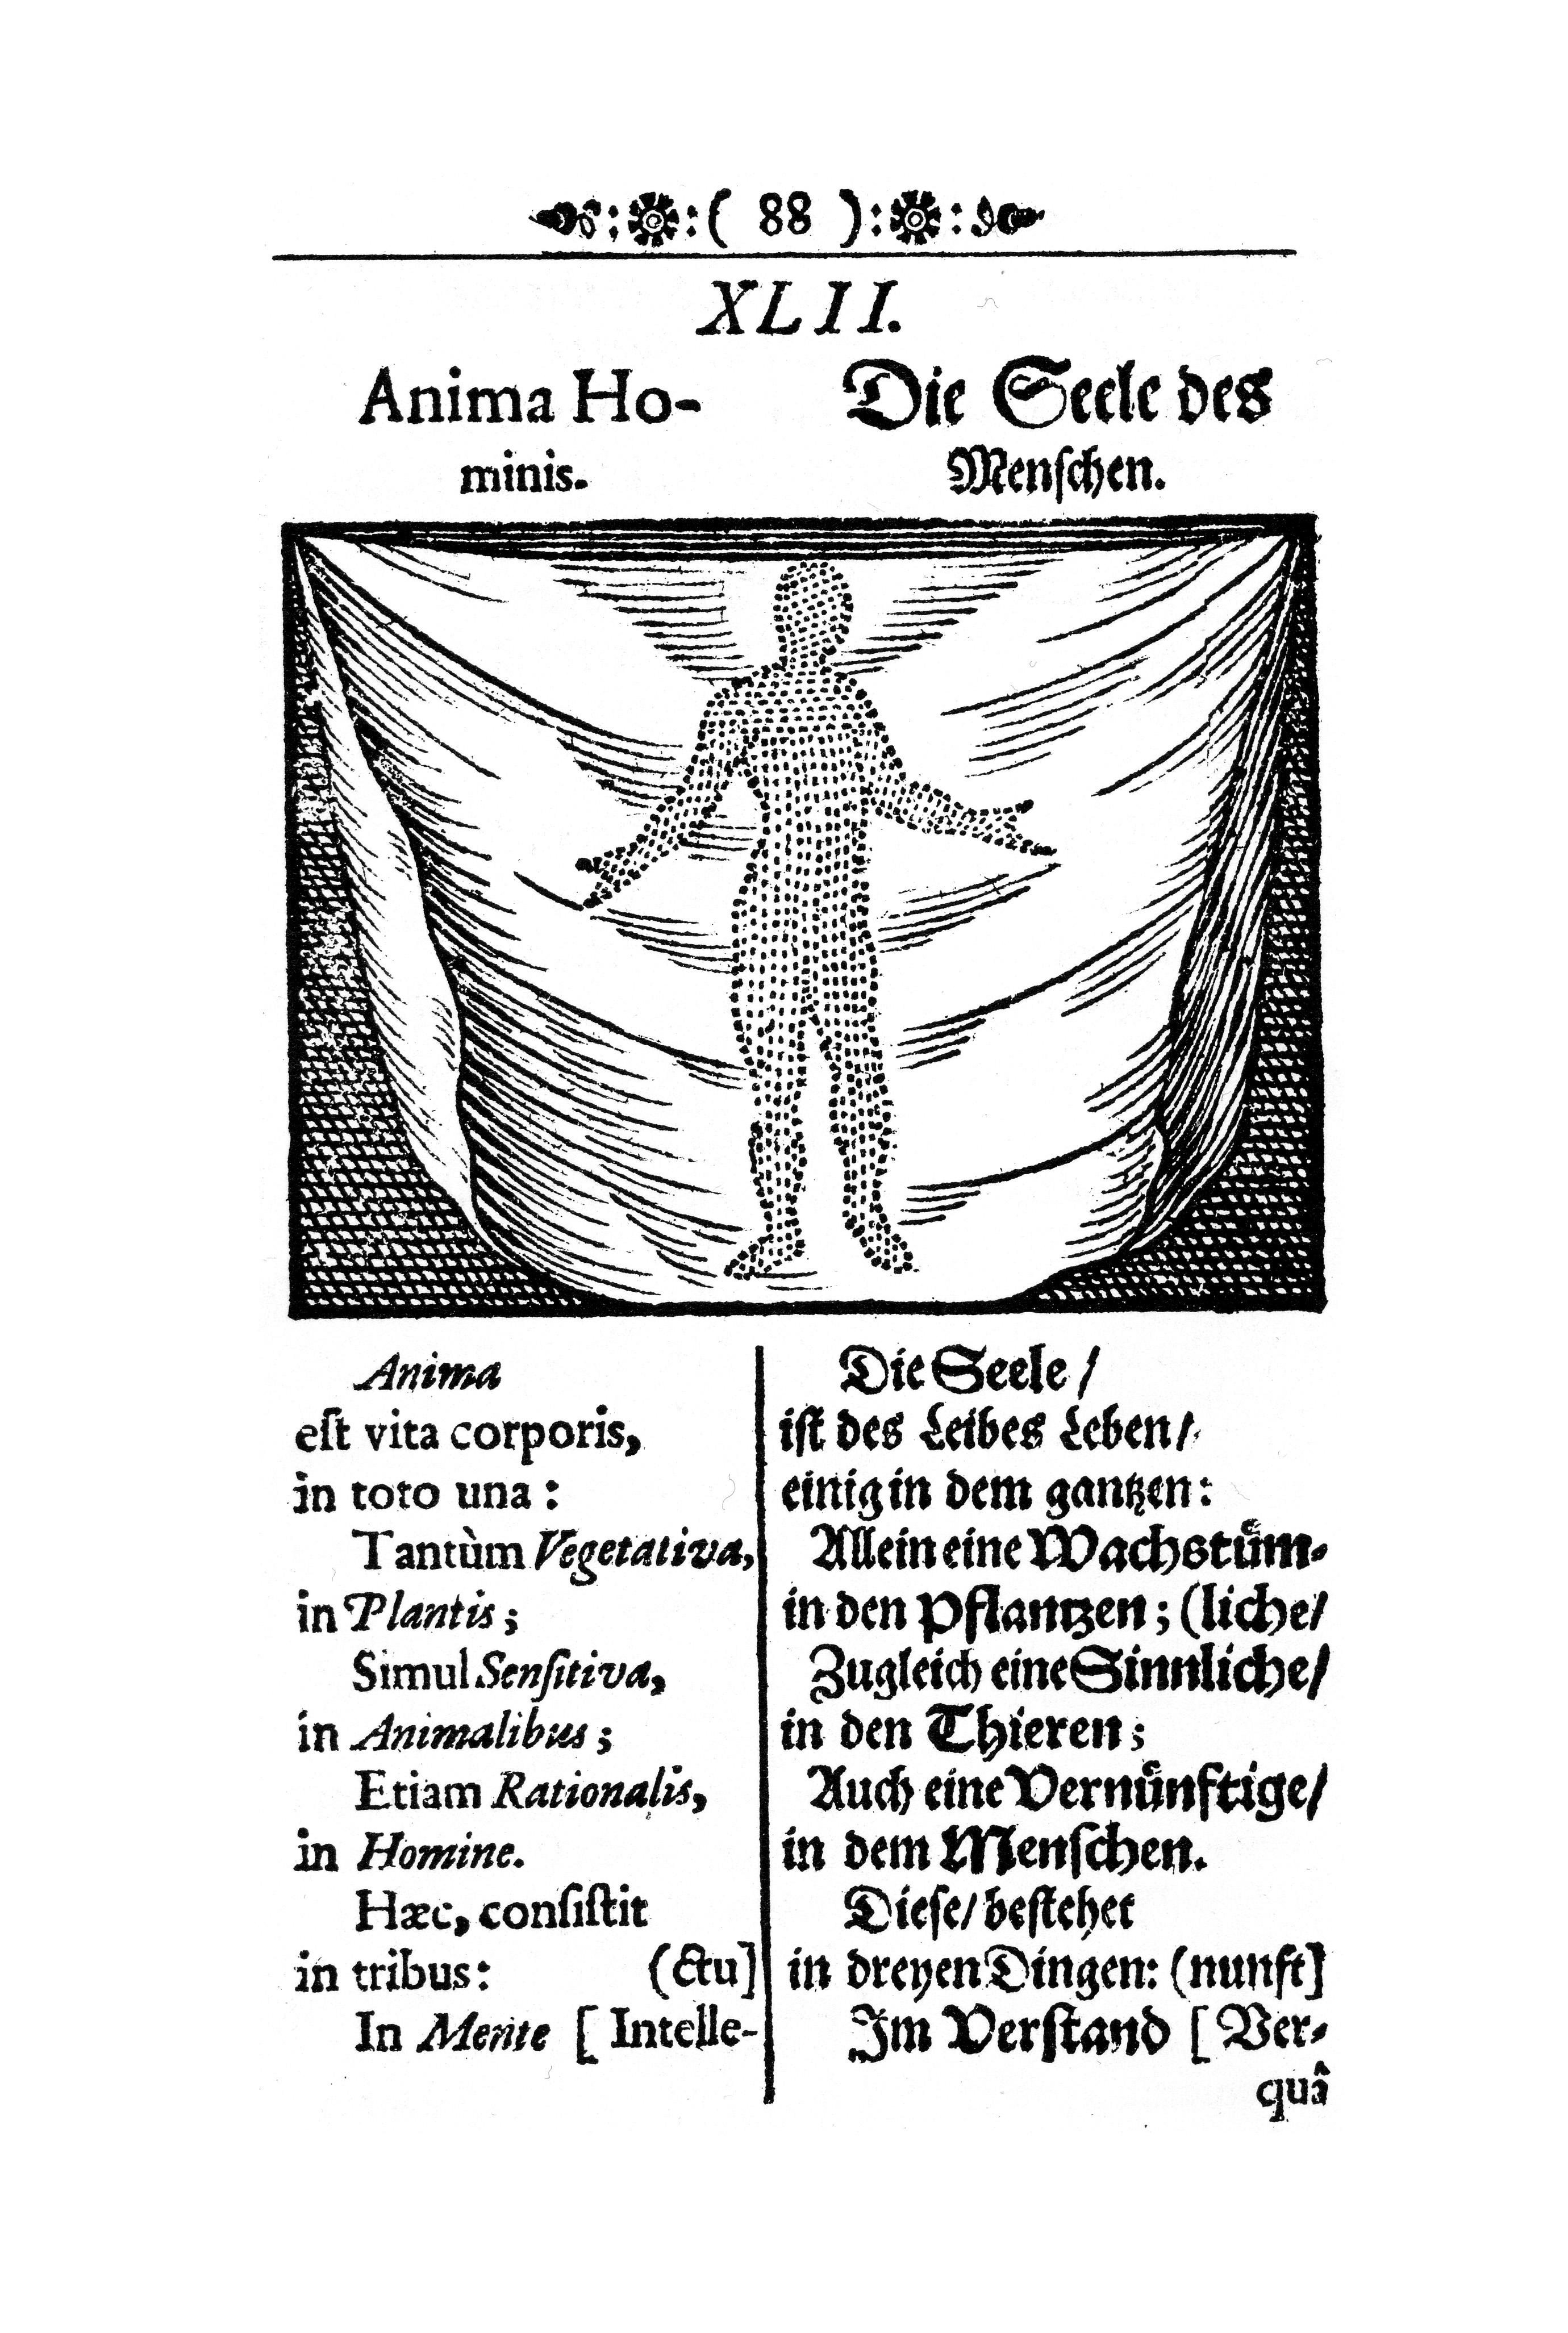 Comenius, Orbis sensualium pictus, anima hominis